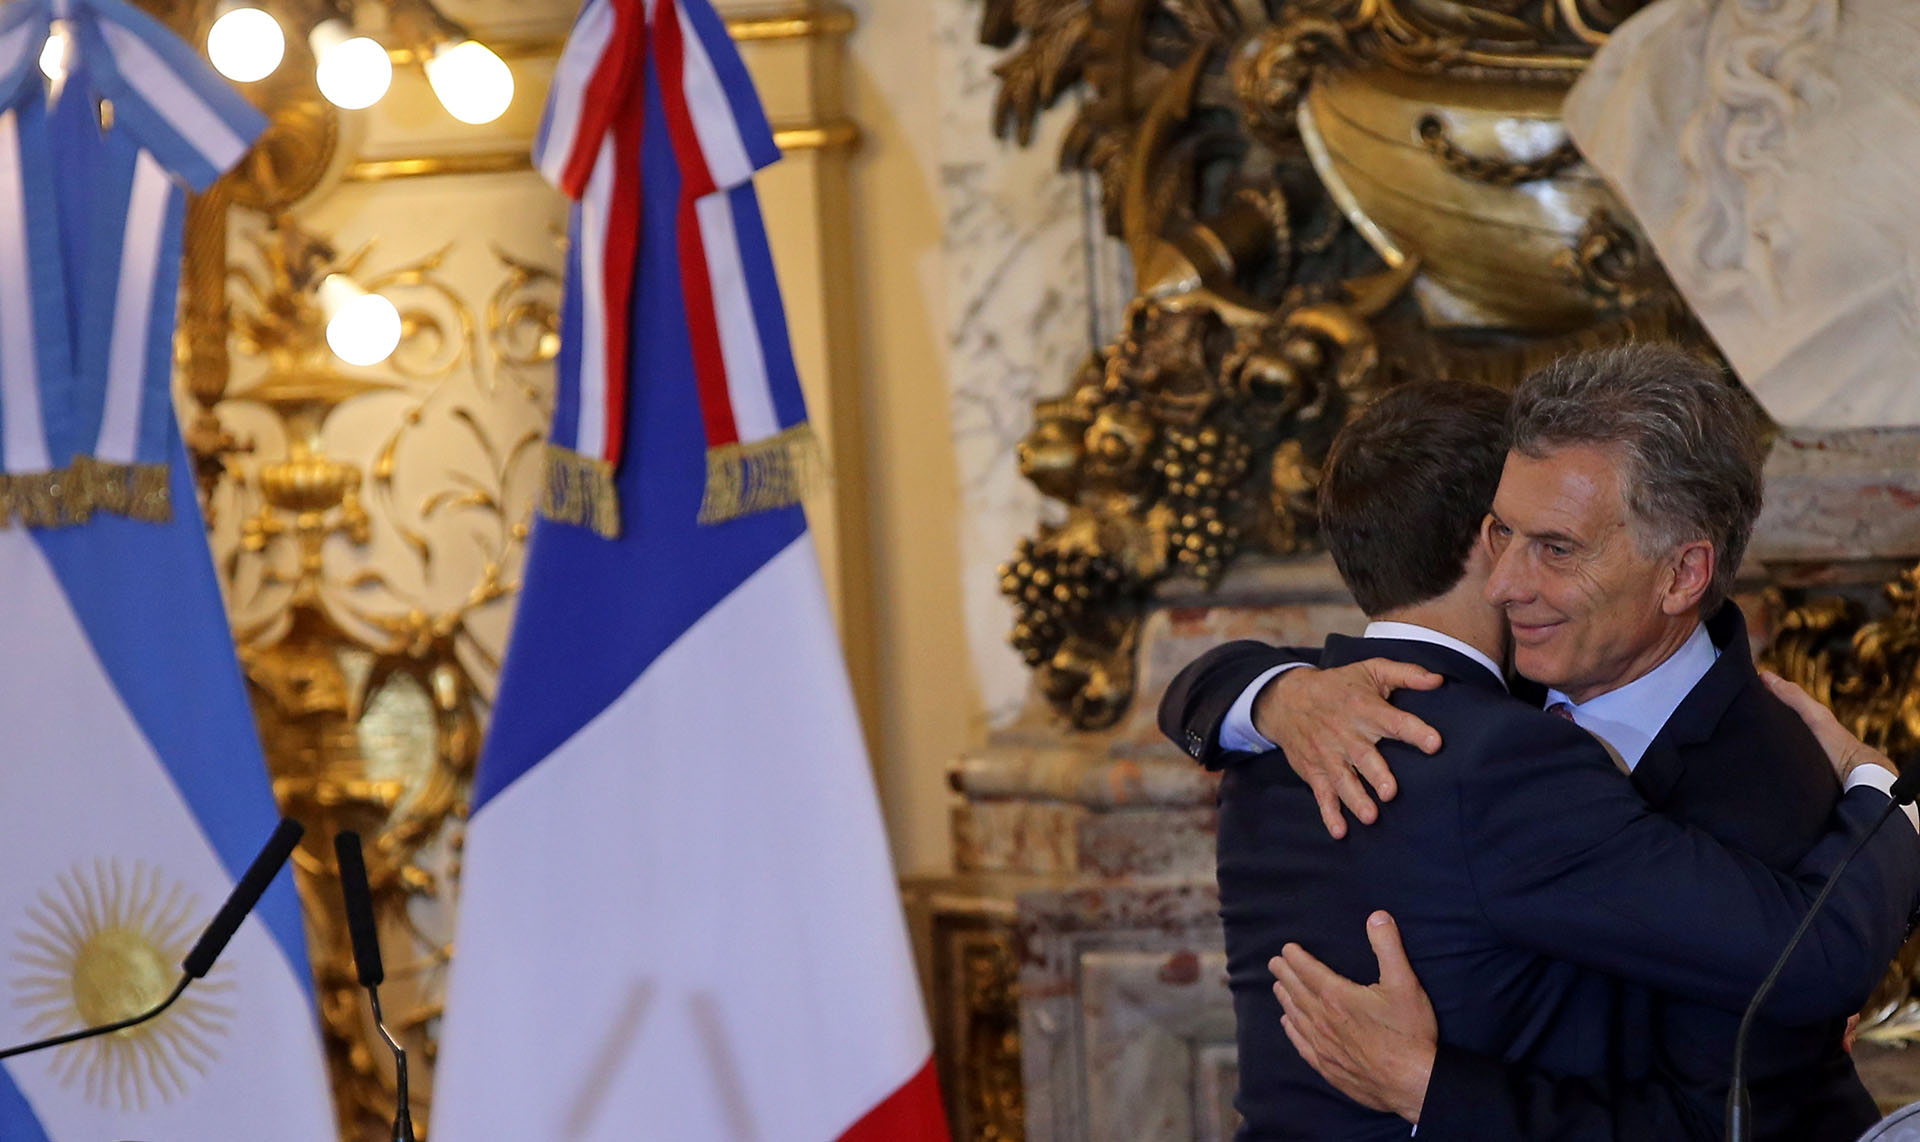 Macri y Macron se saludan antes de la conferencia de prensa conjunta que bridaron en la Casa Rosada (Reuters)